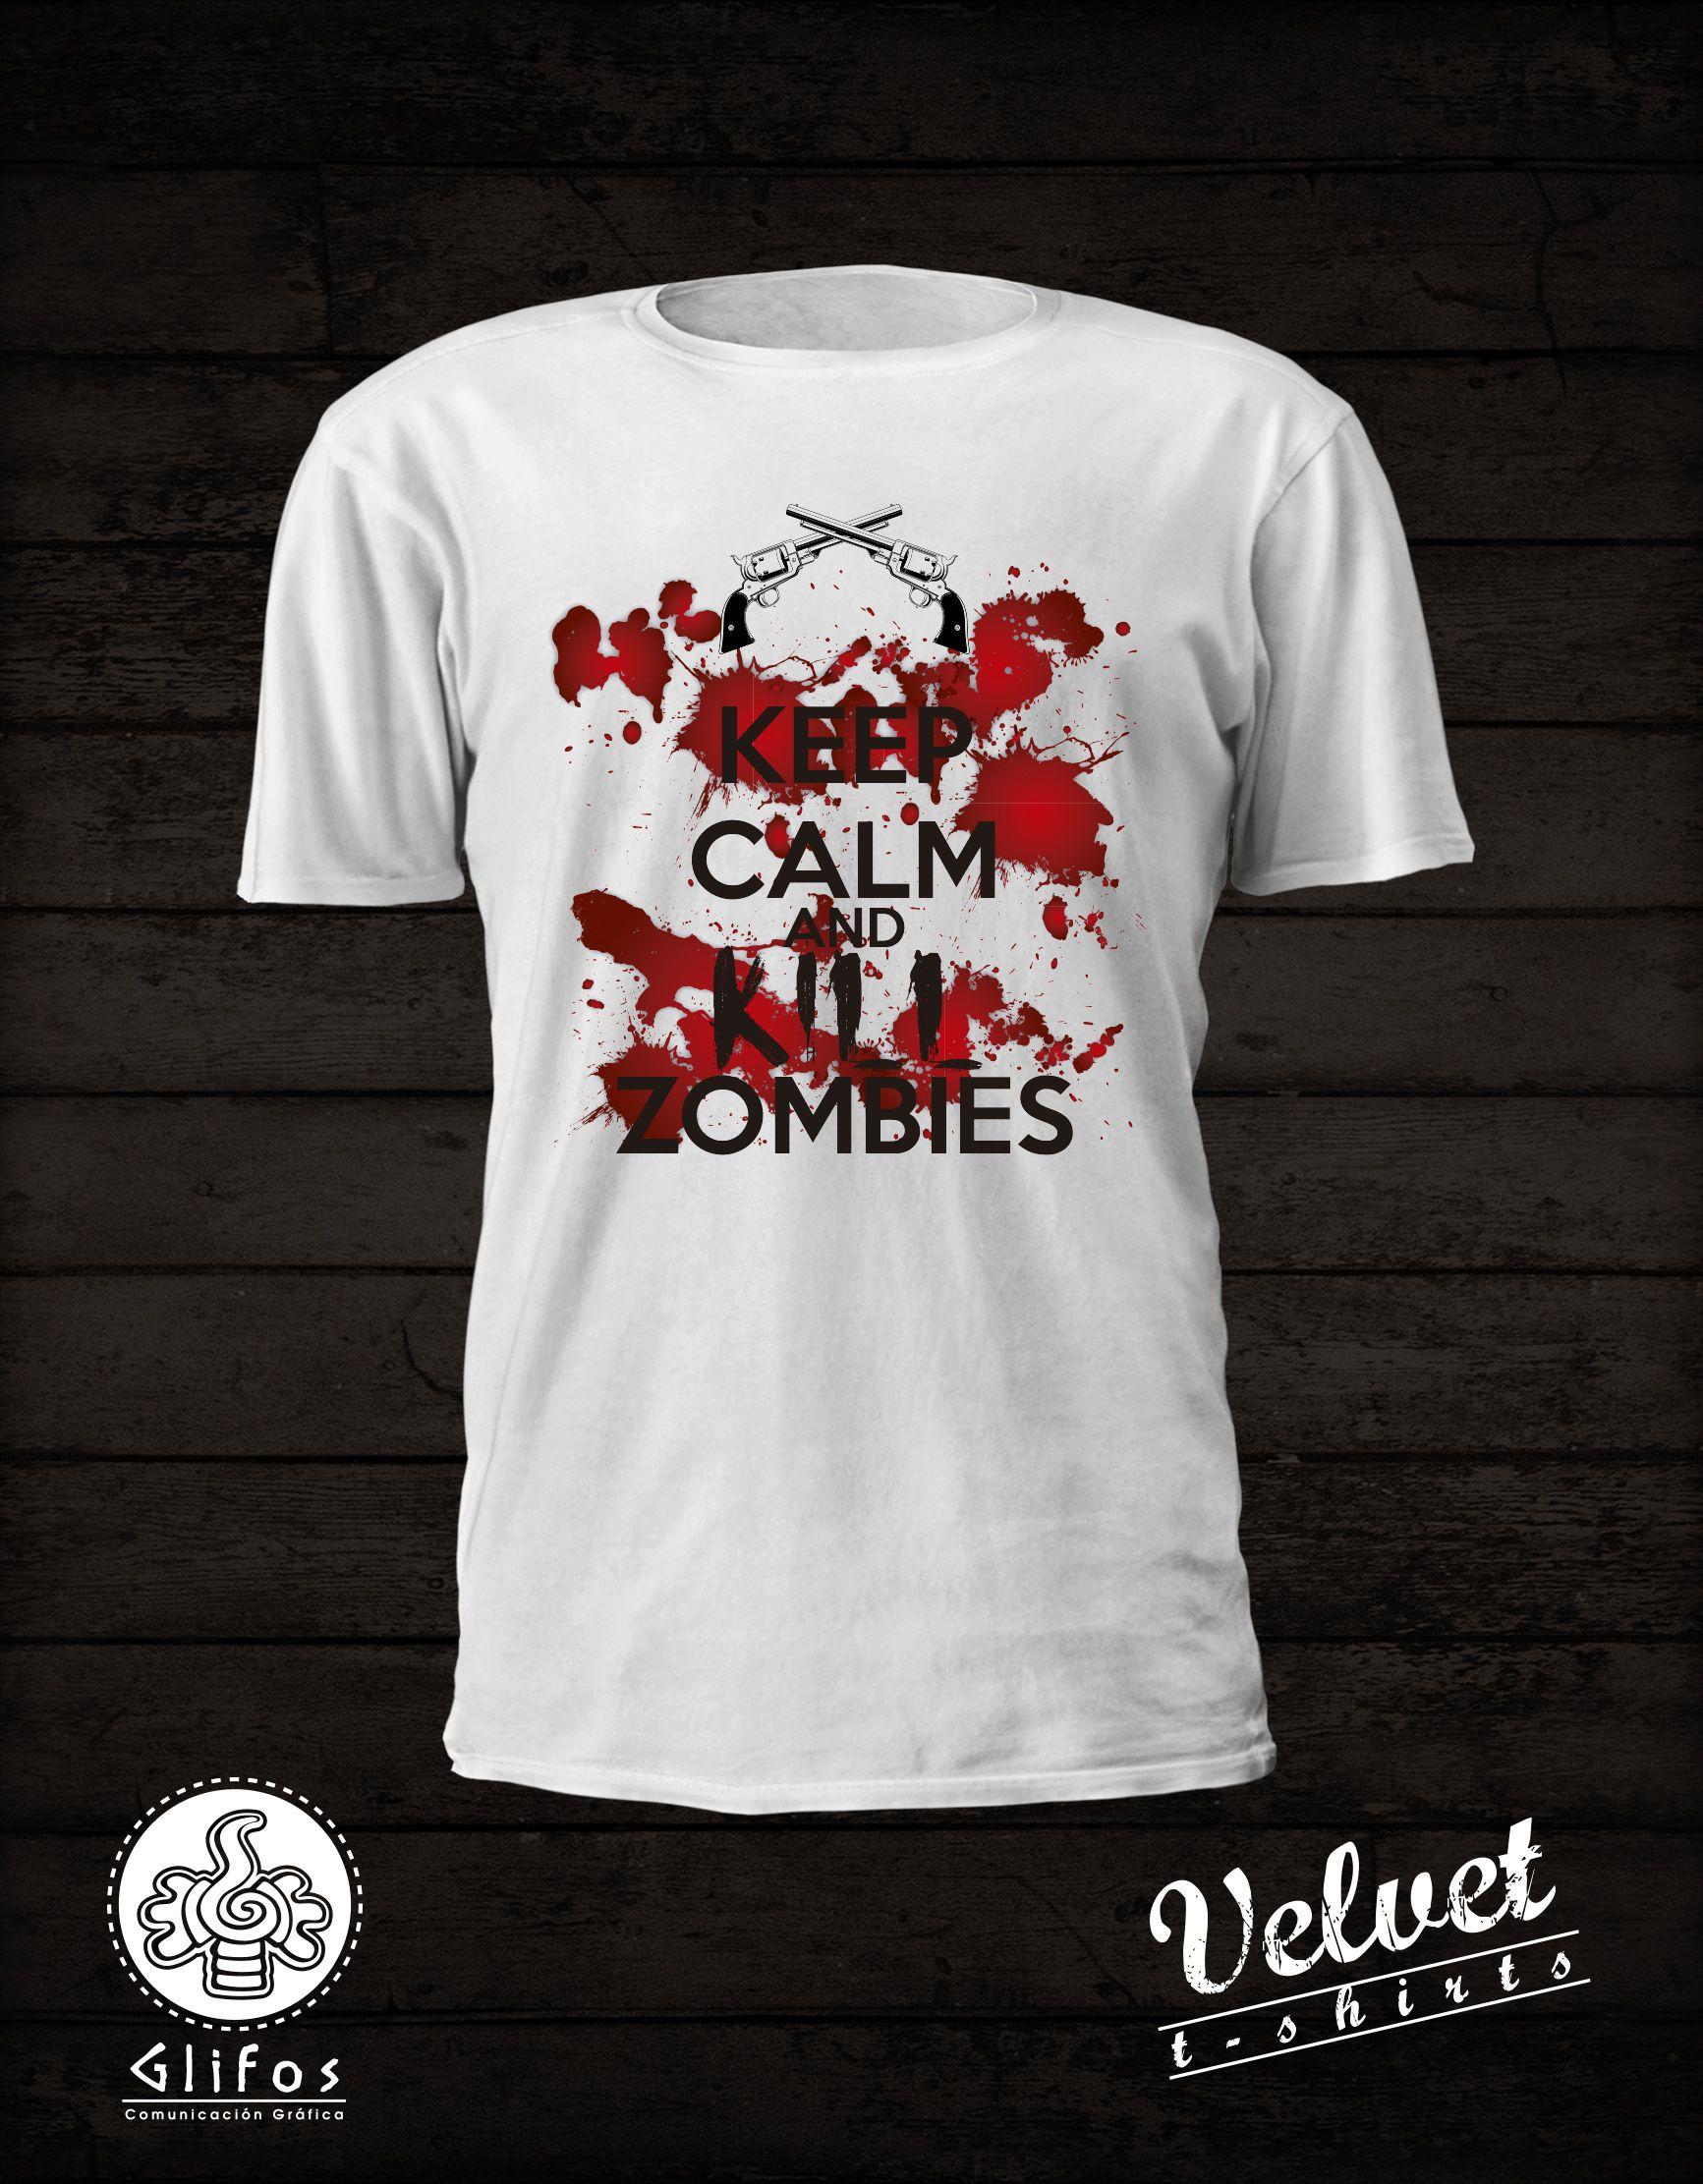 Keep calm and kill zombies. Playera impresa en serigrafía e93320e1a9fc1